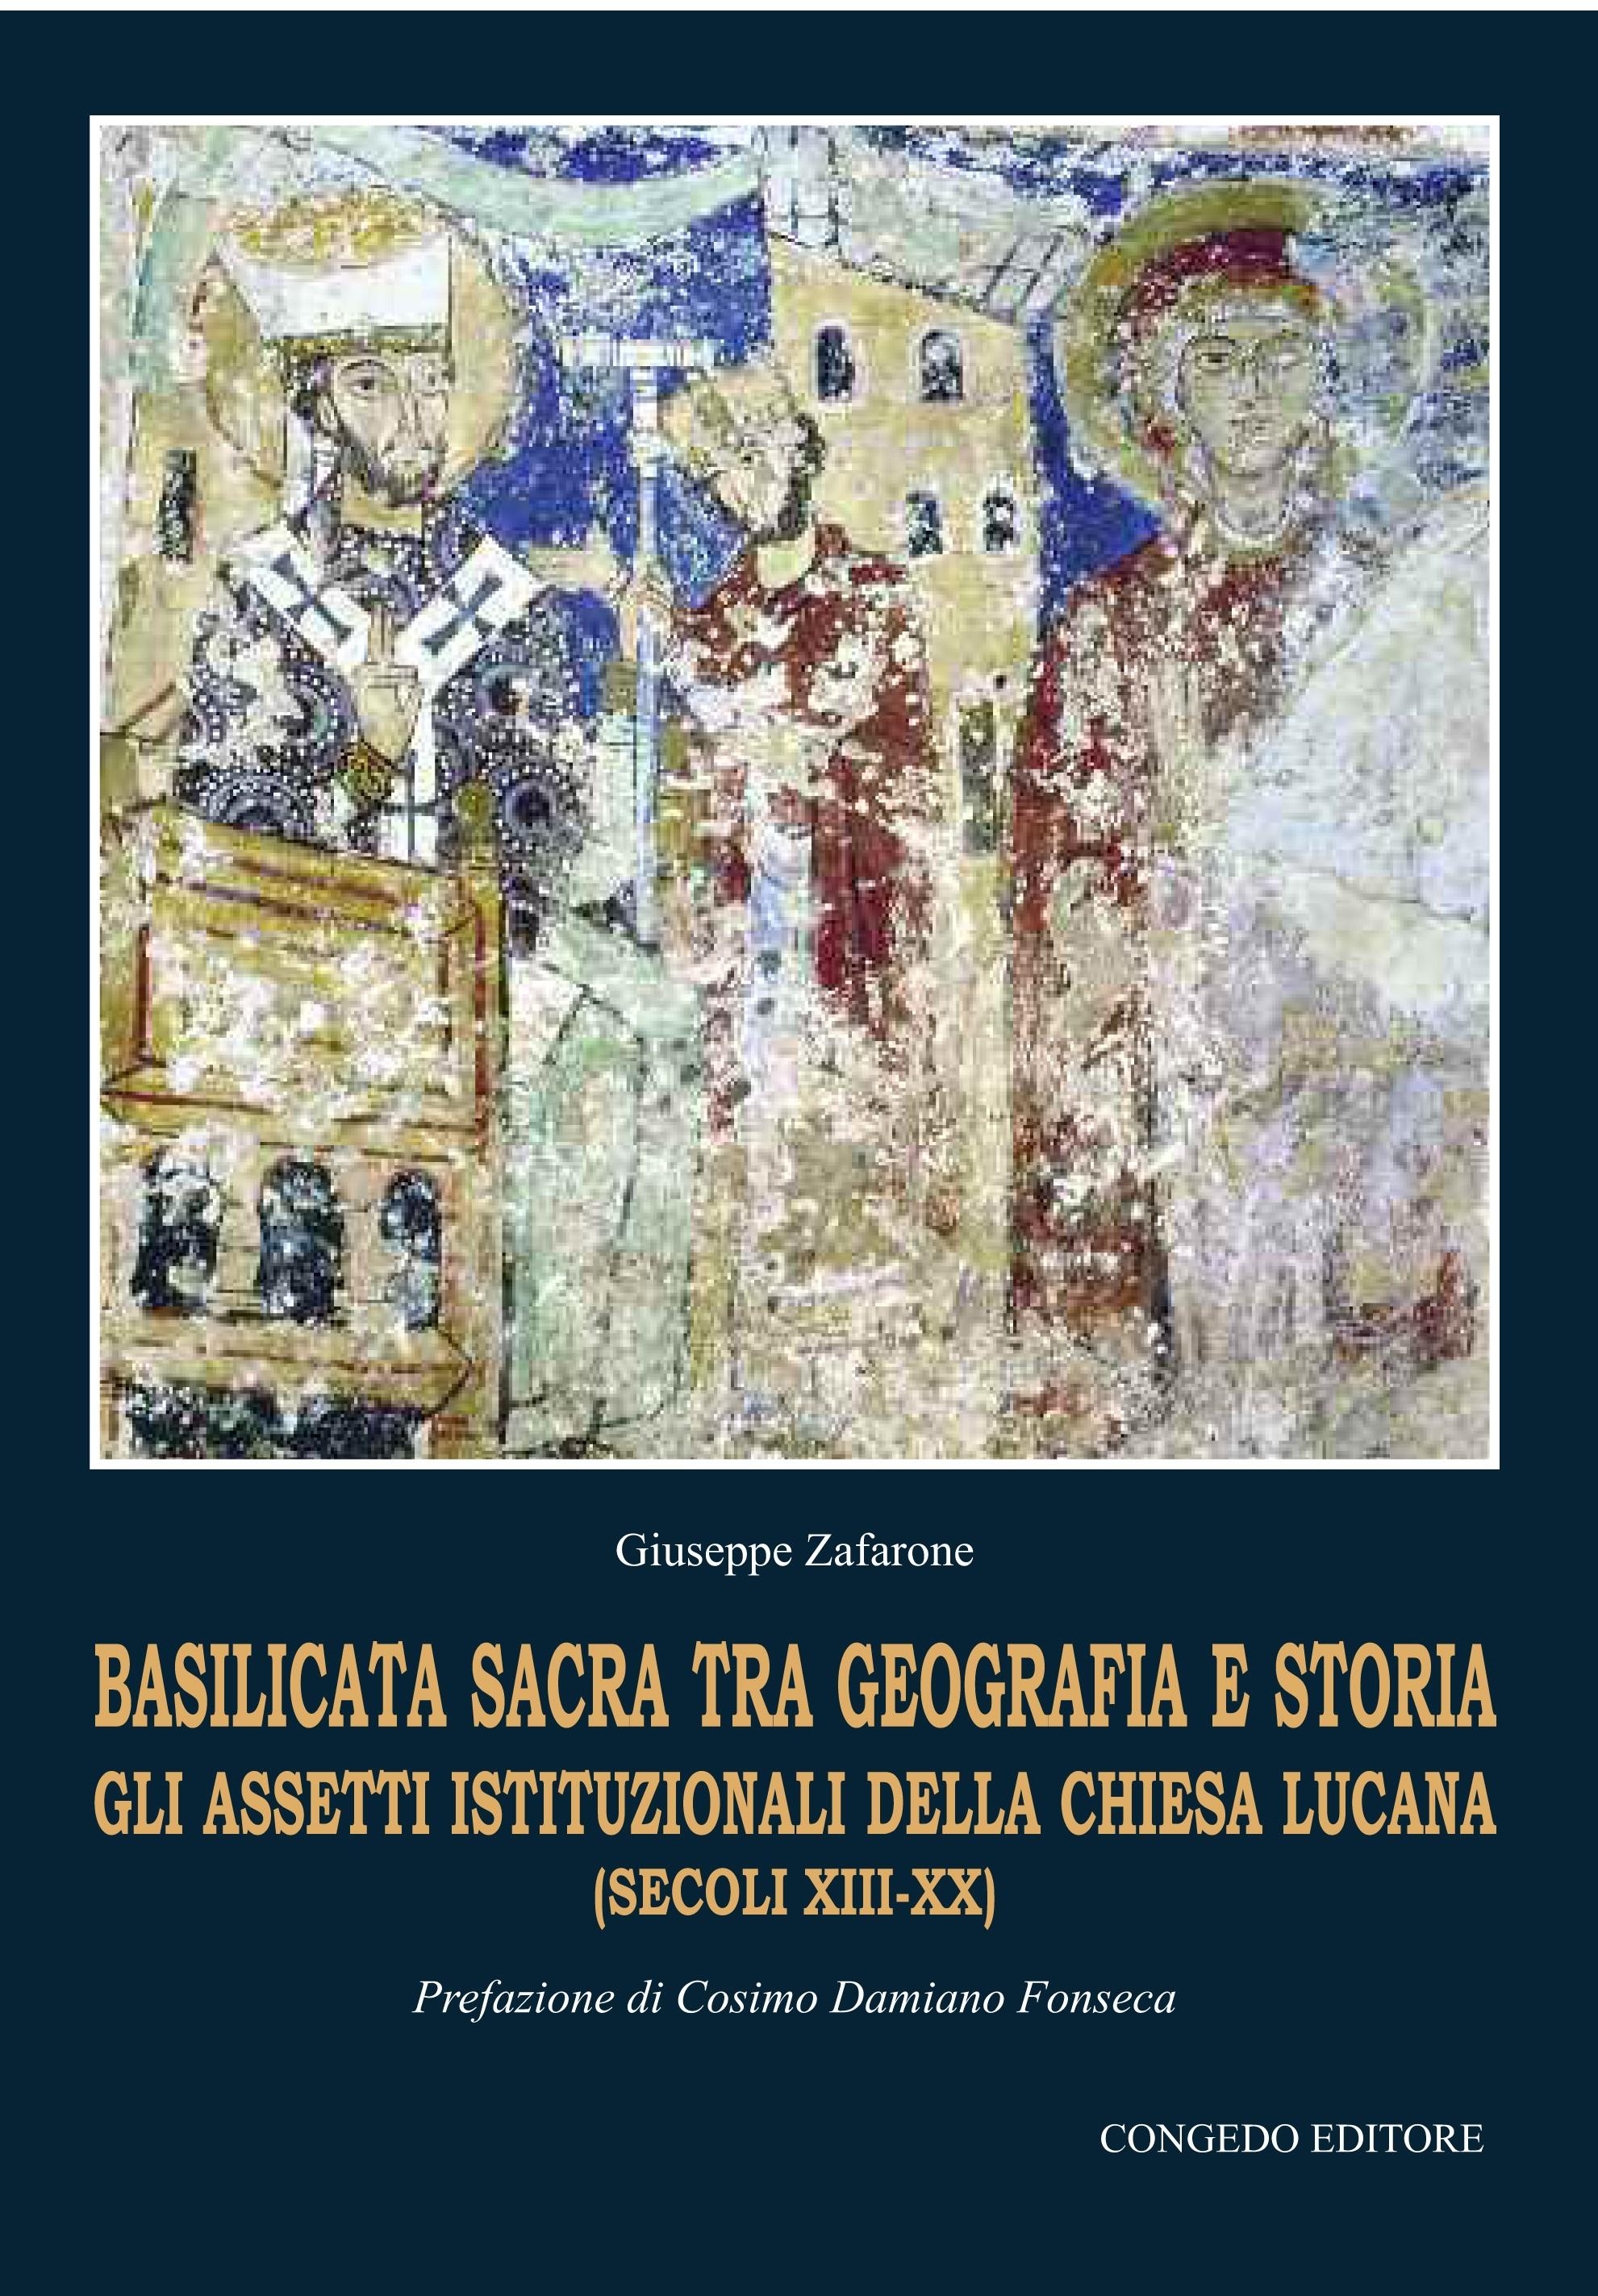 Basilicata sacra tra geografia e storia. Gli assetti istutuzionali della chiesa lucana (secoli XIII-XX)